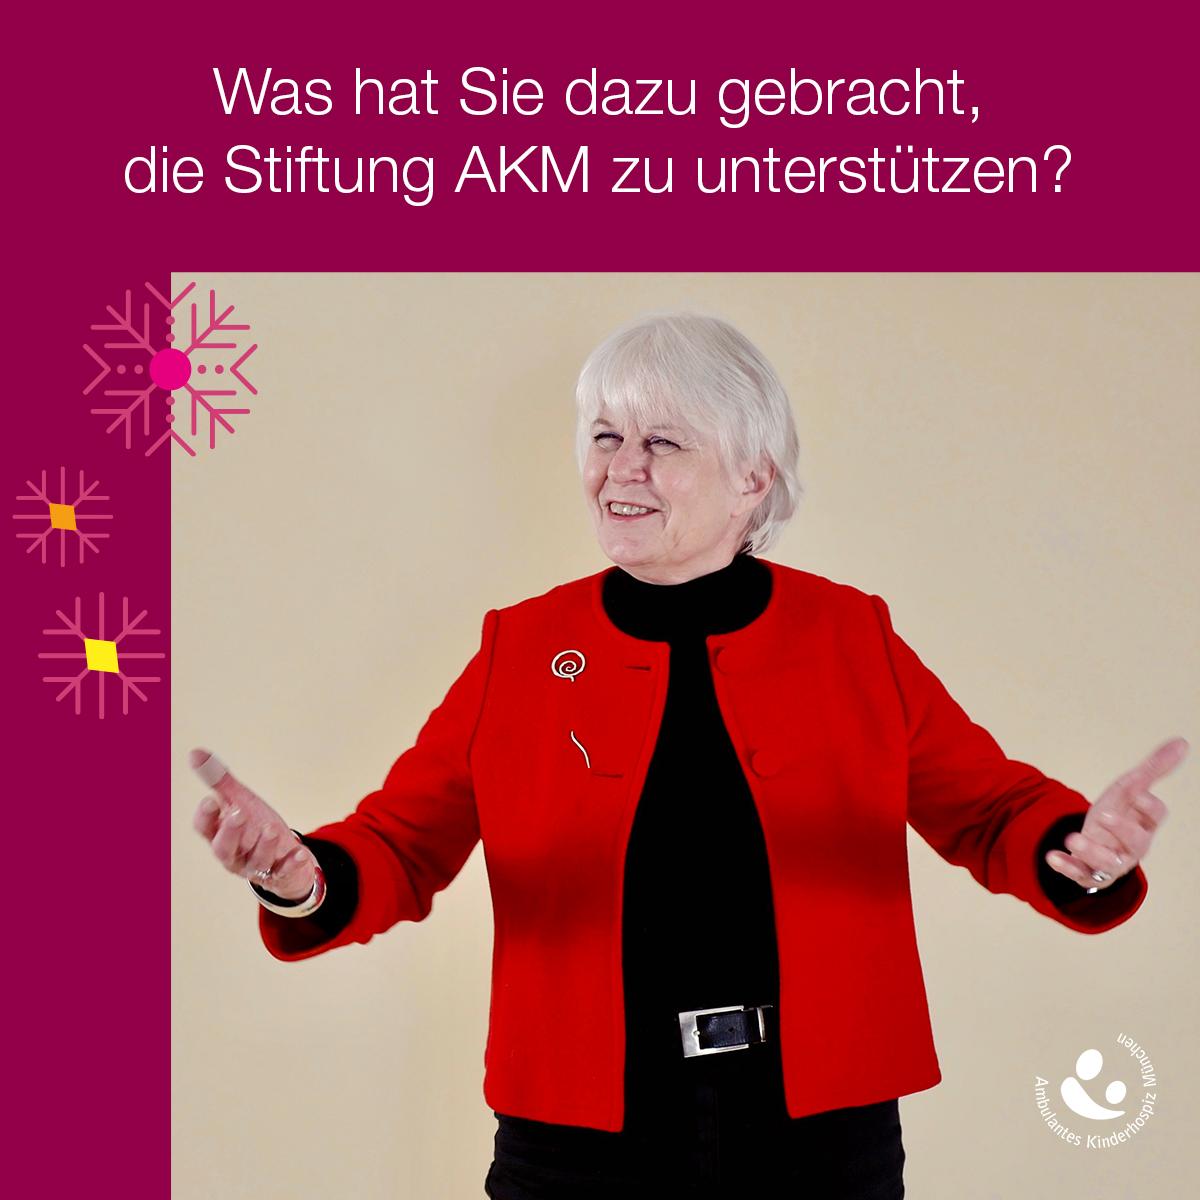 Ein Bild sagt mehr als 1.000 Worte: Brigitte Bührlen